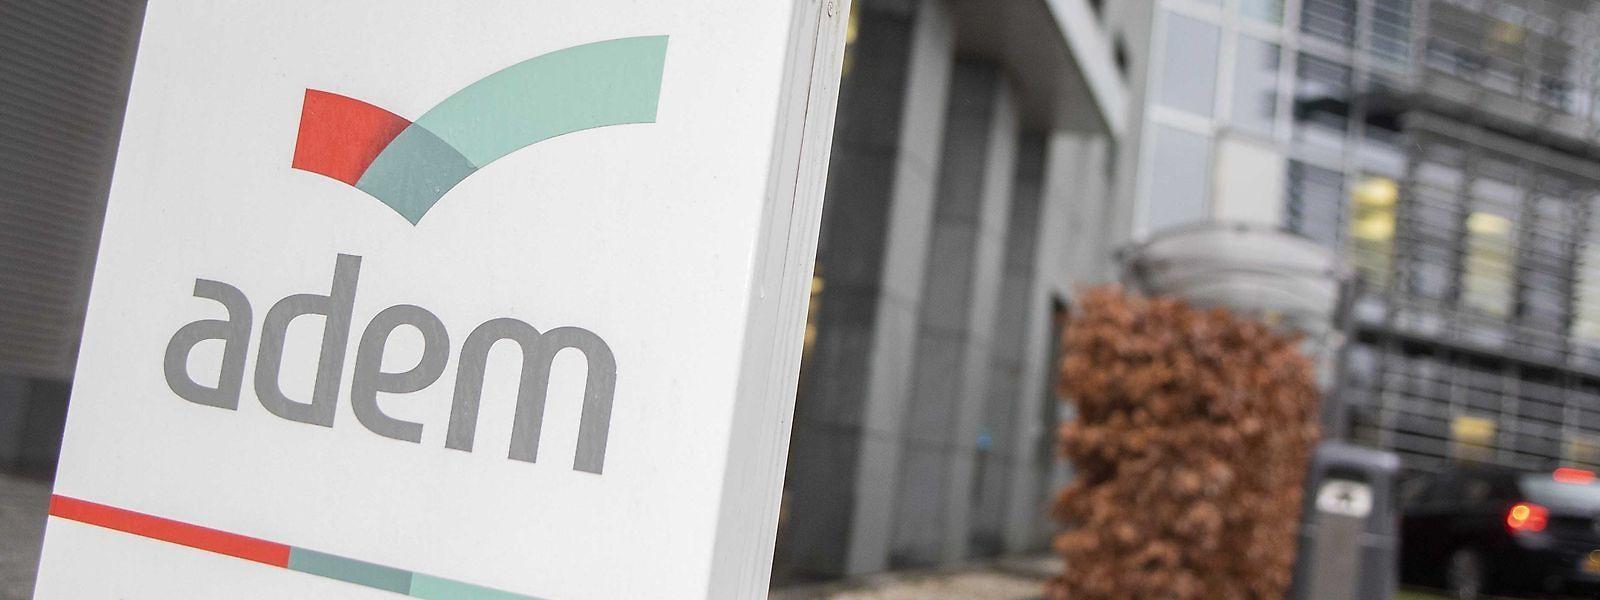 Victime d'un détournement de 90.000 euros par un de ses employés détachés, l'Agence pour le développement de l'emploi a porté plainte auprès de la justice.